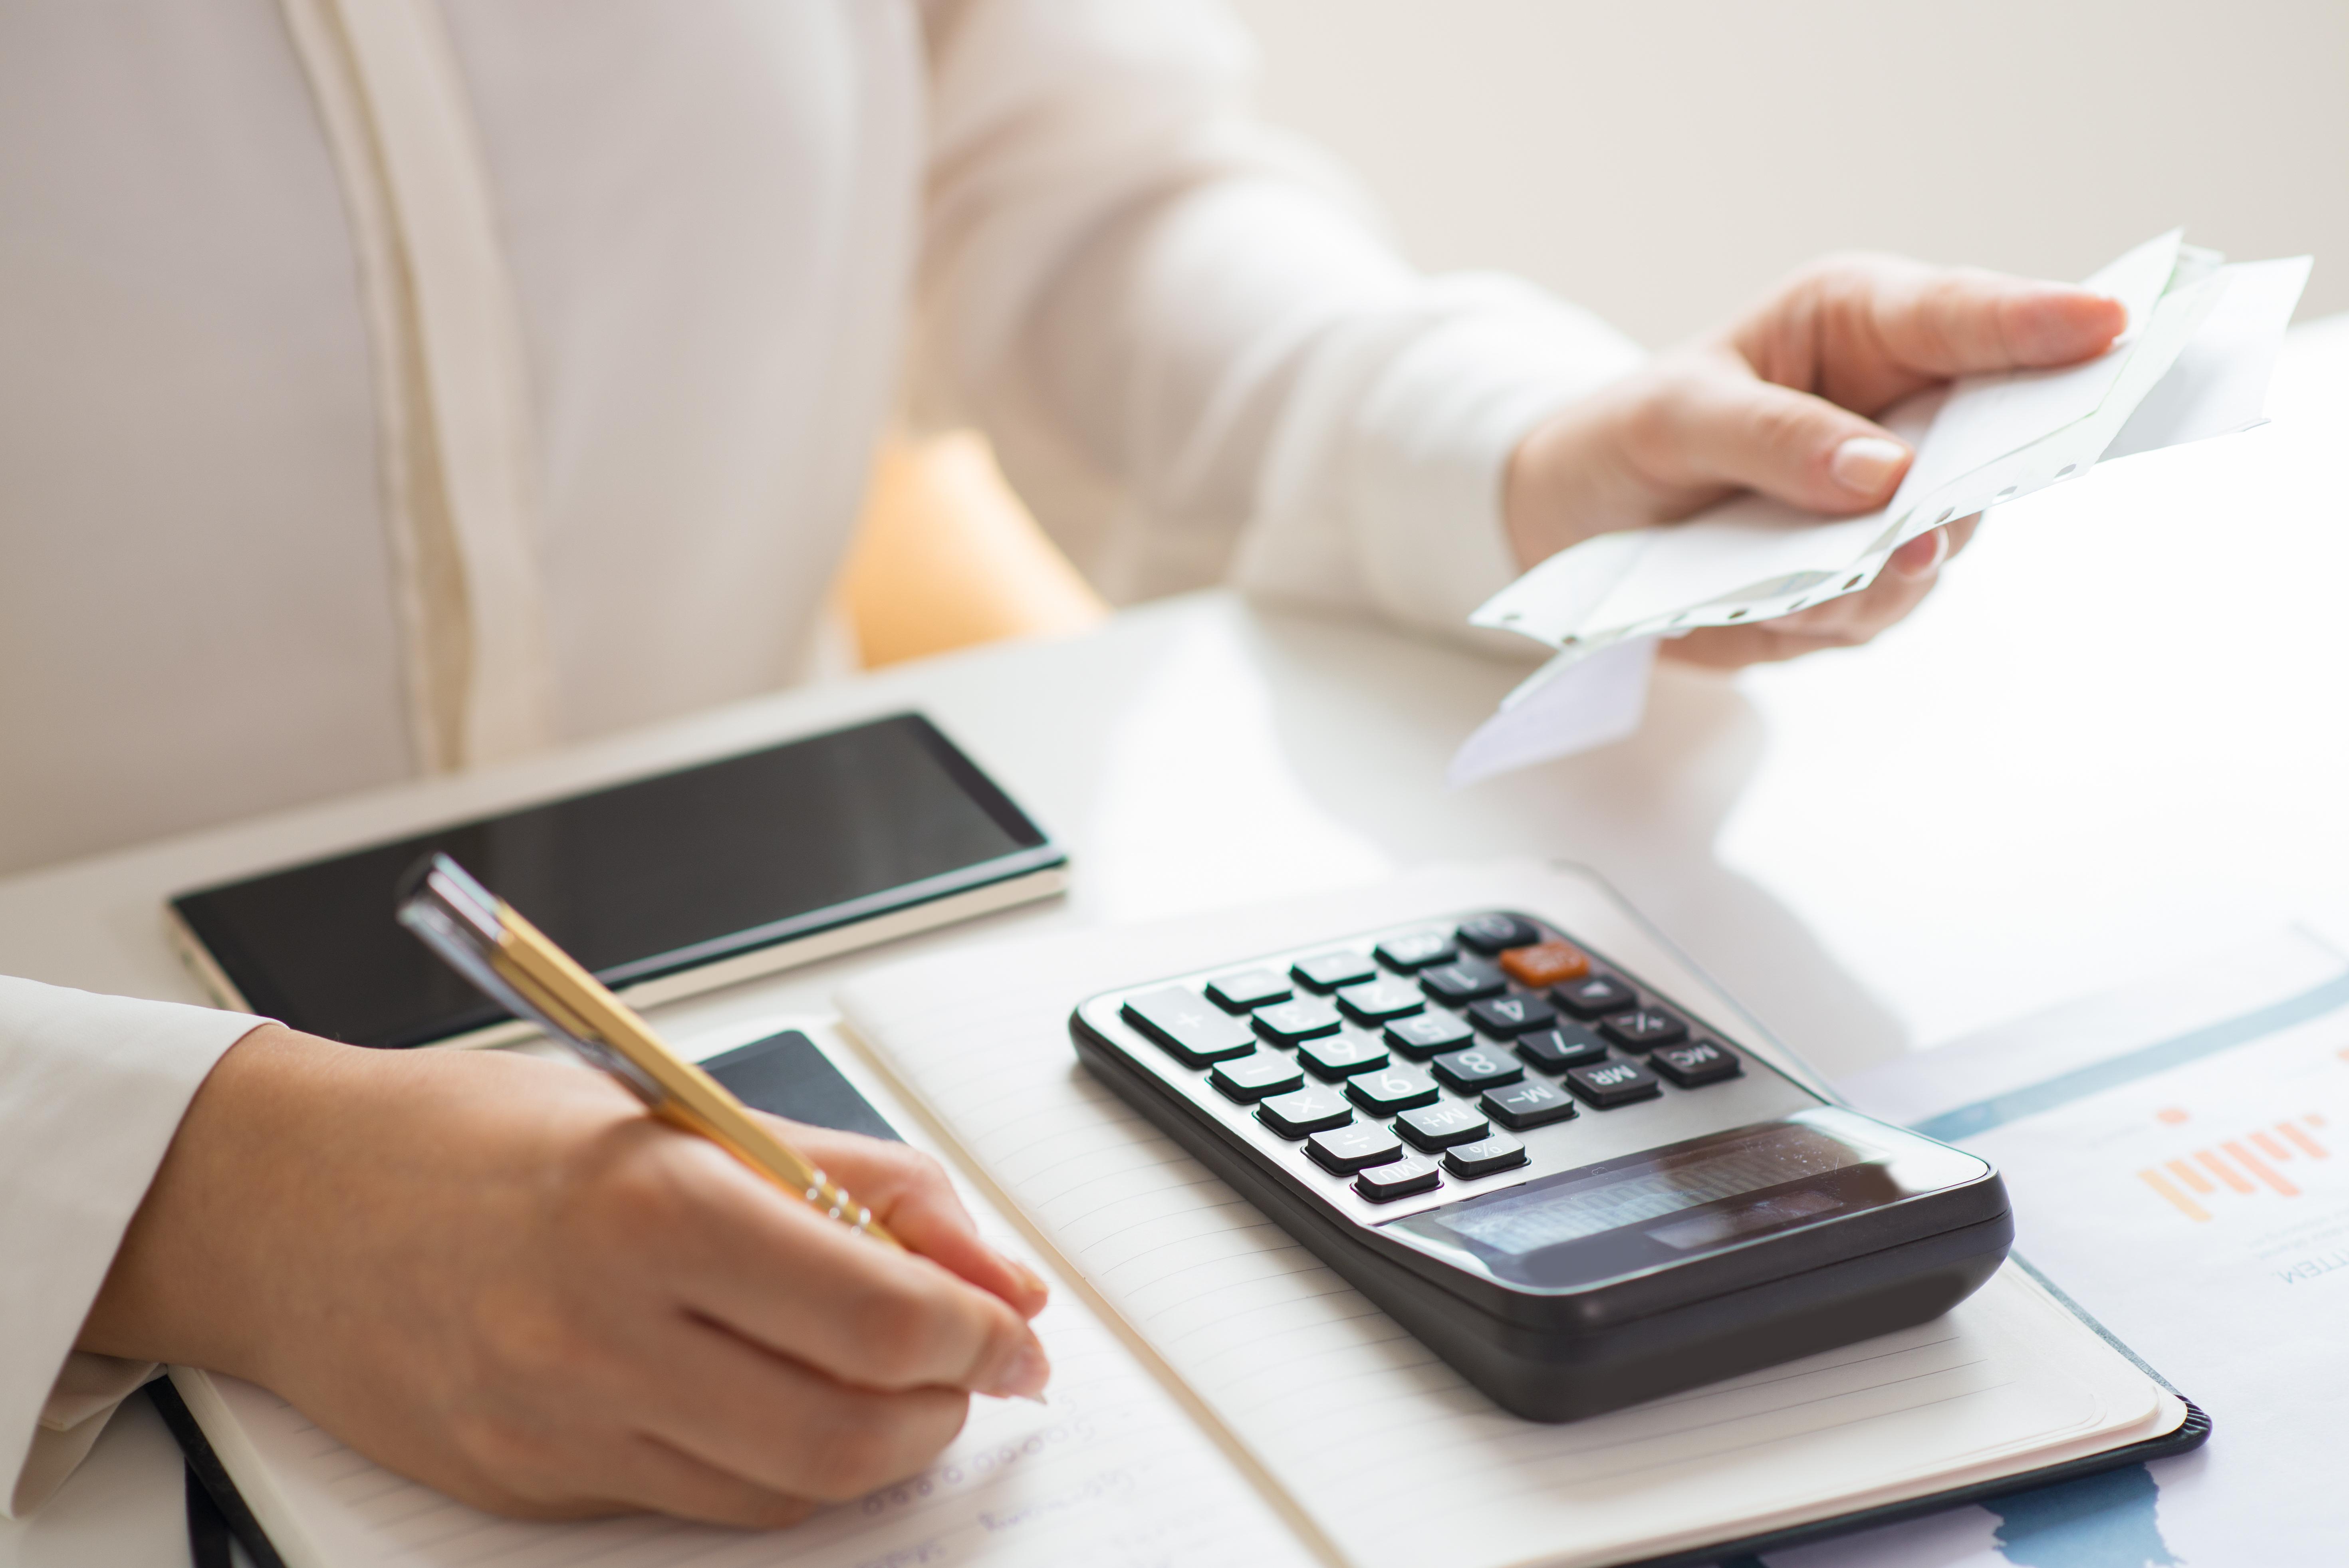 دستور کار صدور صورت فروش کالا و حساب ارائه خدمات